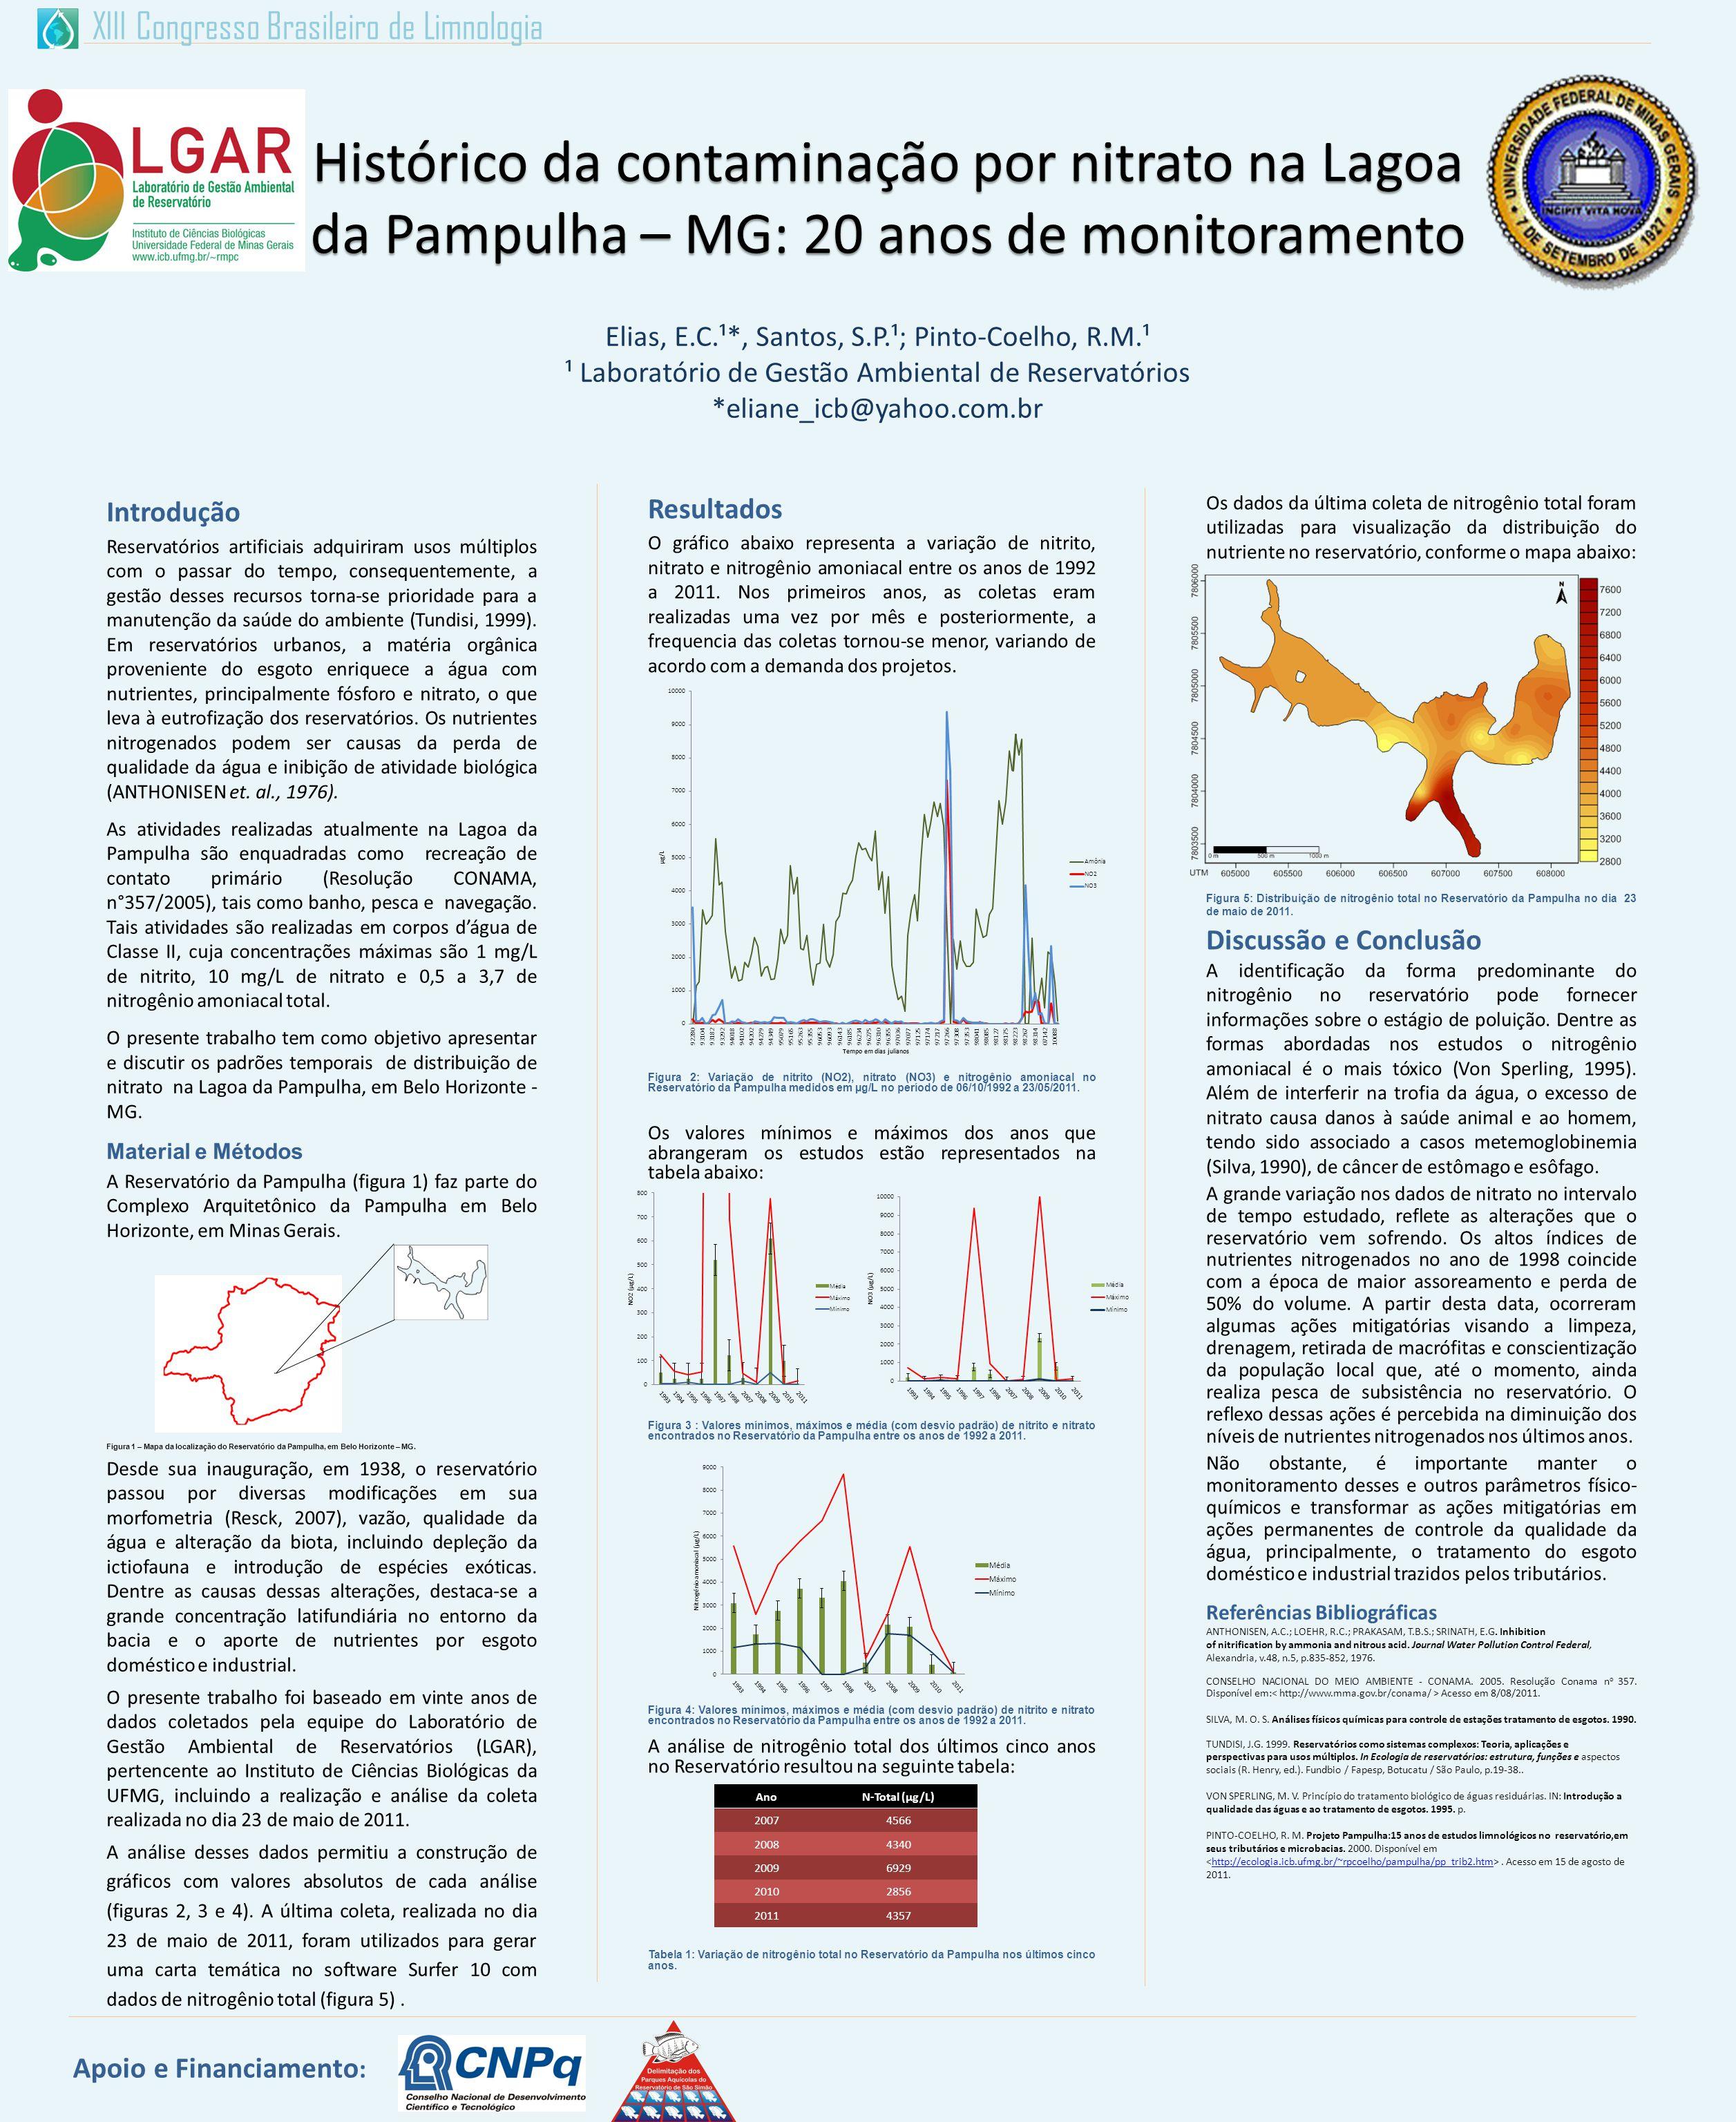 XIII Congresso Brasileiro de Limnologia